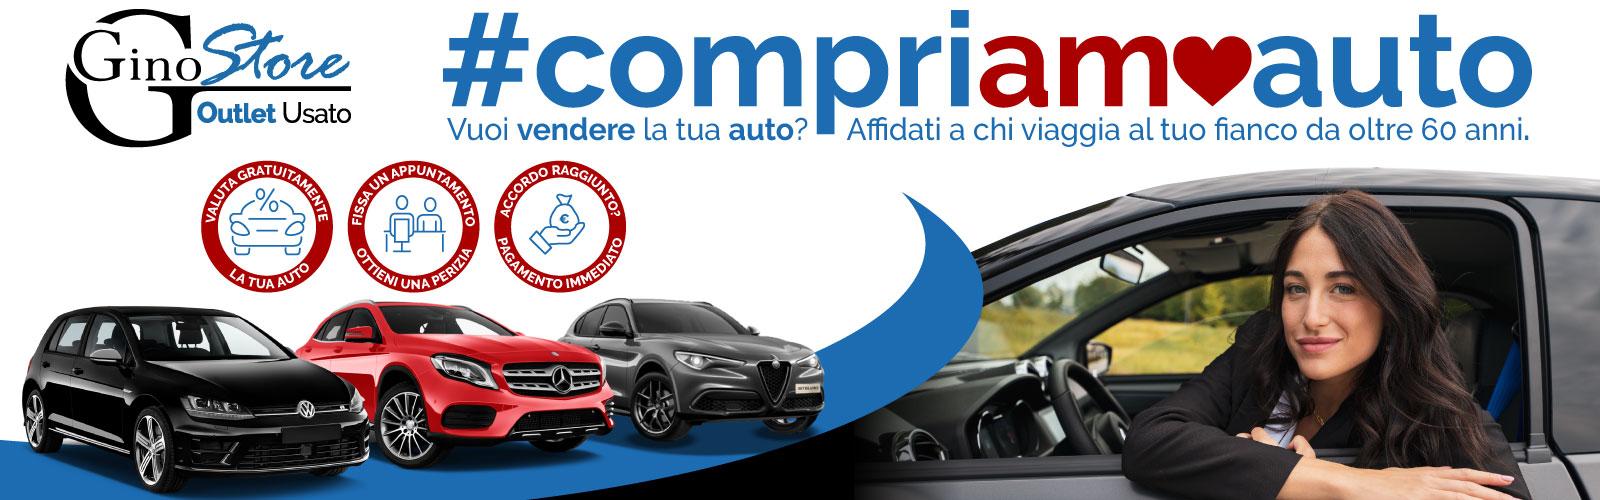 Ginostore #compriamoauto